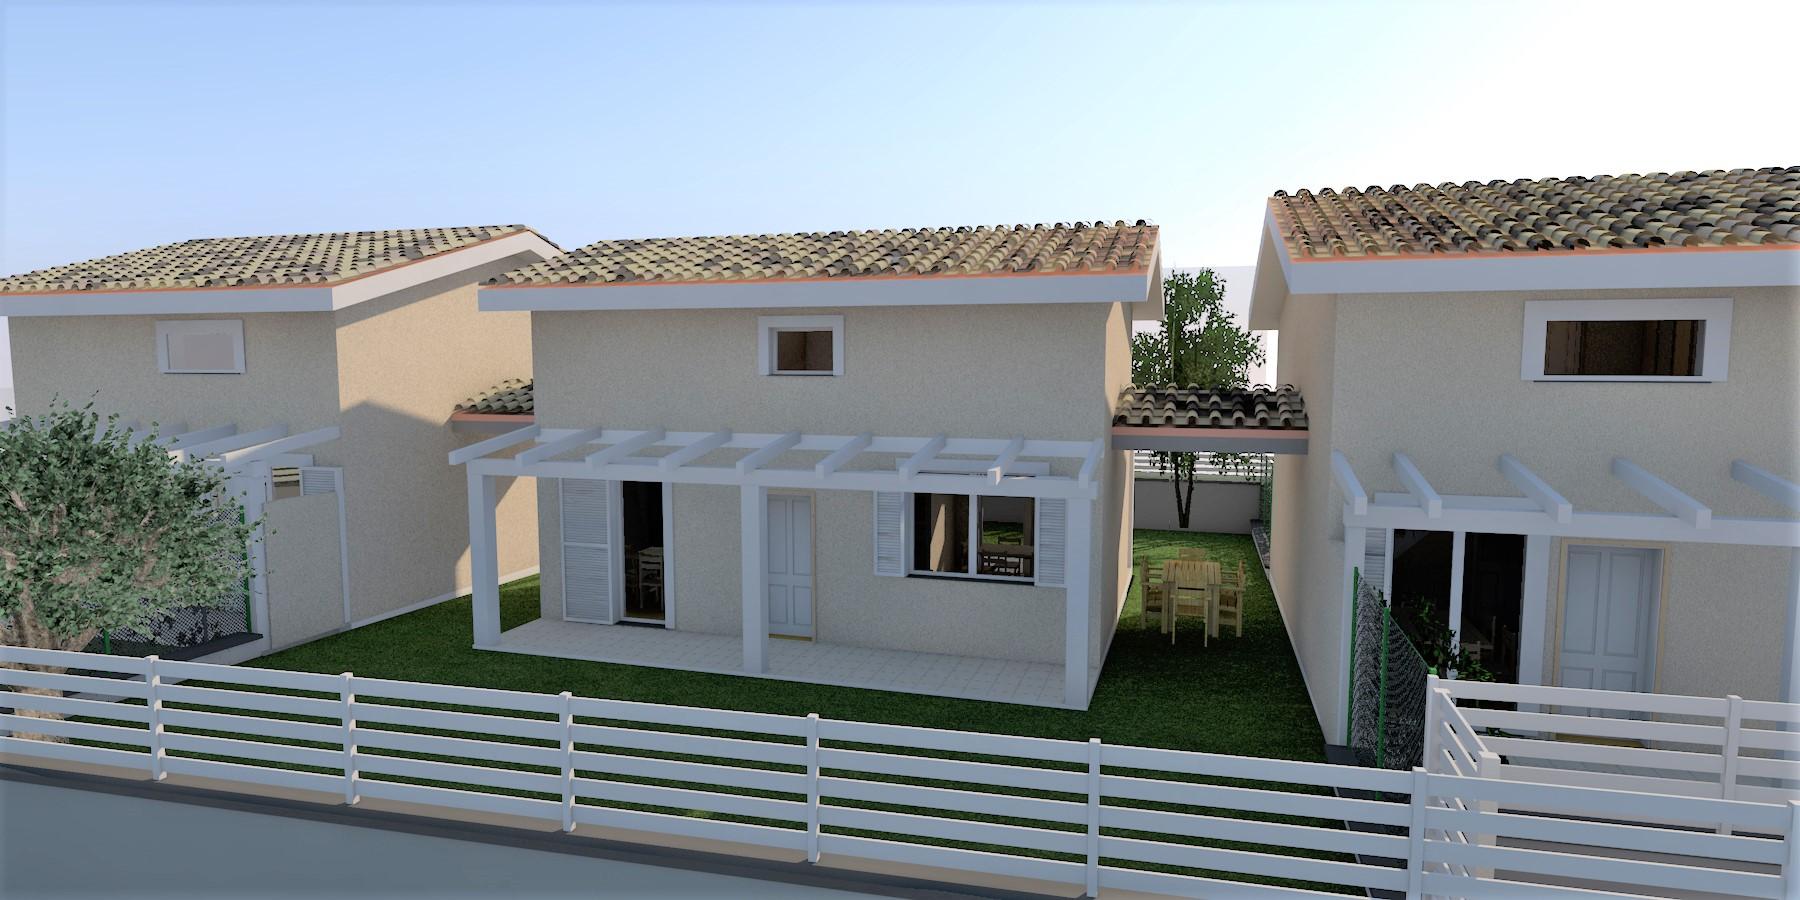 Villa in vendita a Vitorchiano, 4 locali, zona Località: Paparano-Sodarella, prezzo € 160.000 | CambioCasa.it